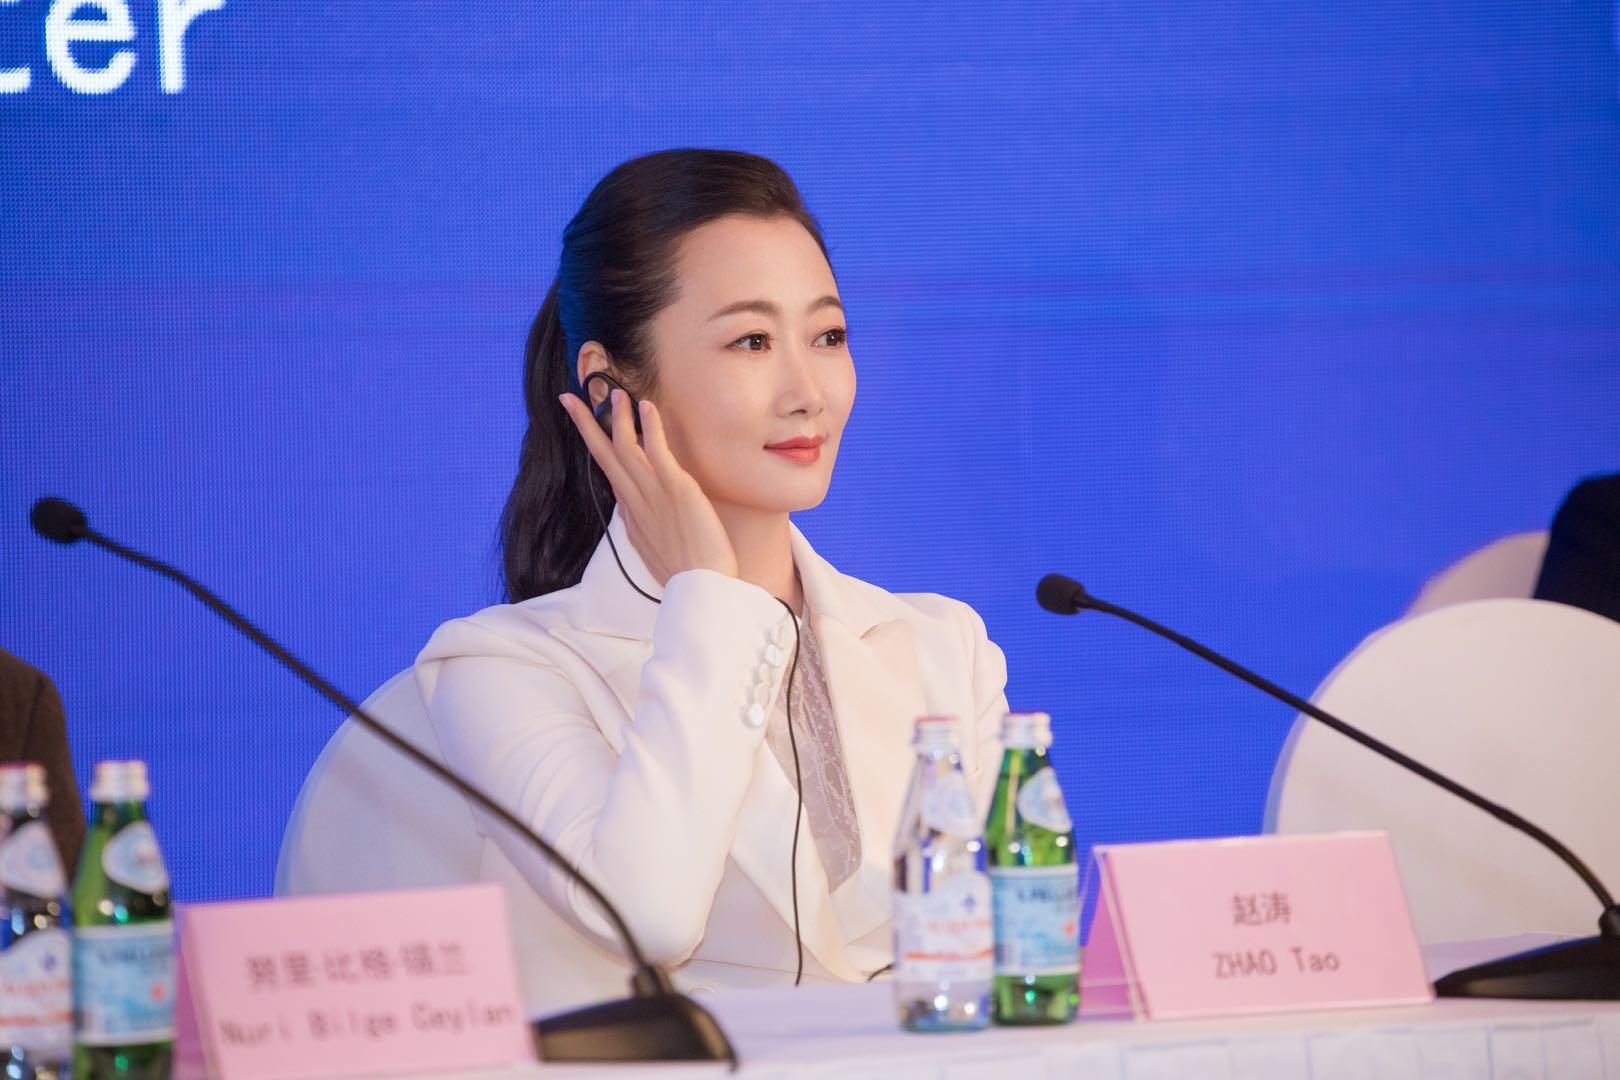 2019年,上海国际电影节评委见面会上的赵涛。